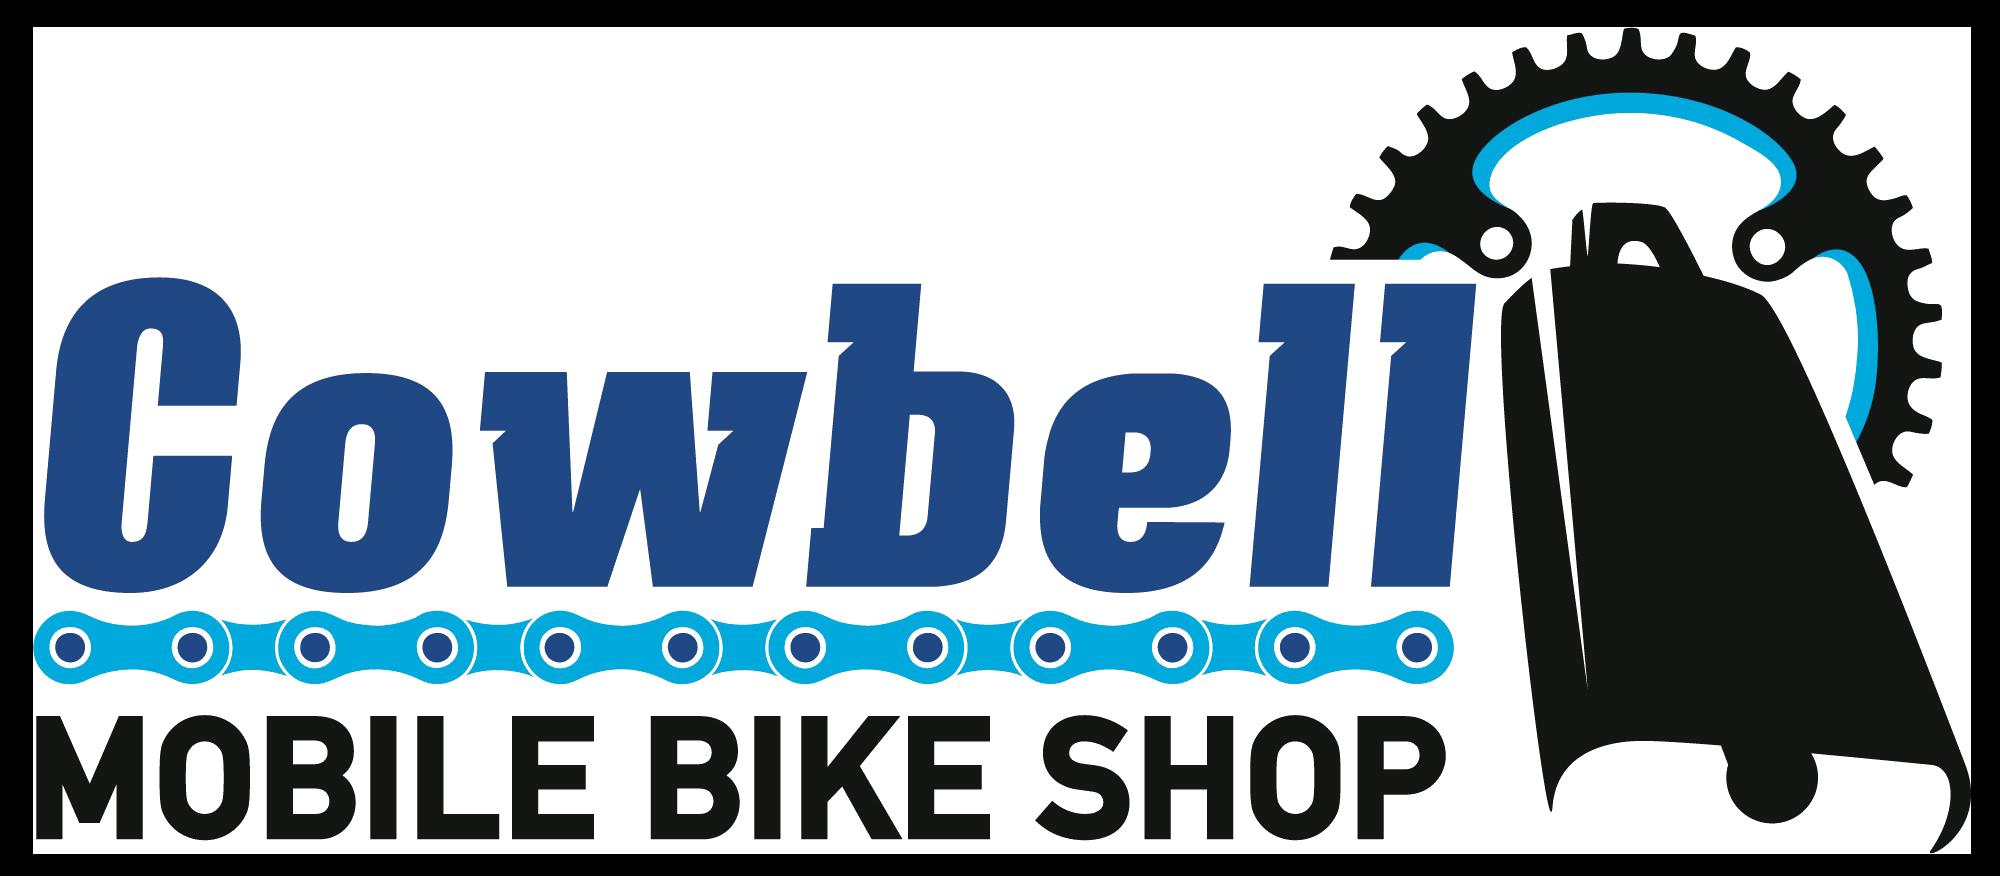 cowbell_mobile_bike_shop_logo.png